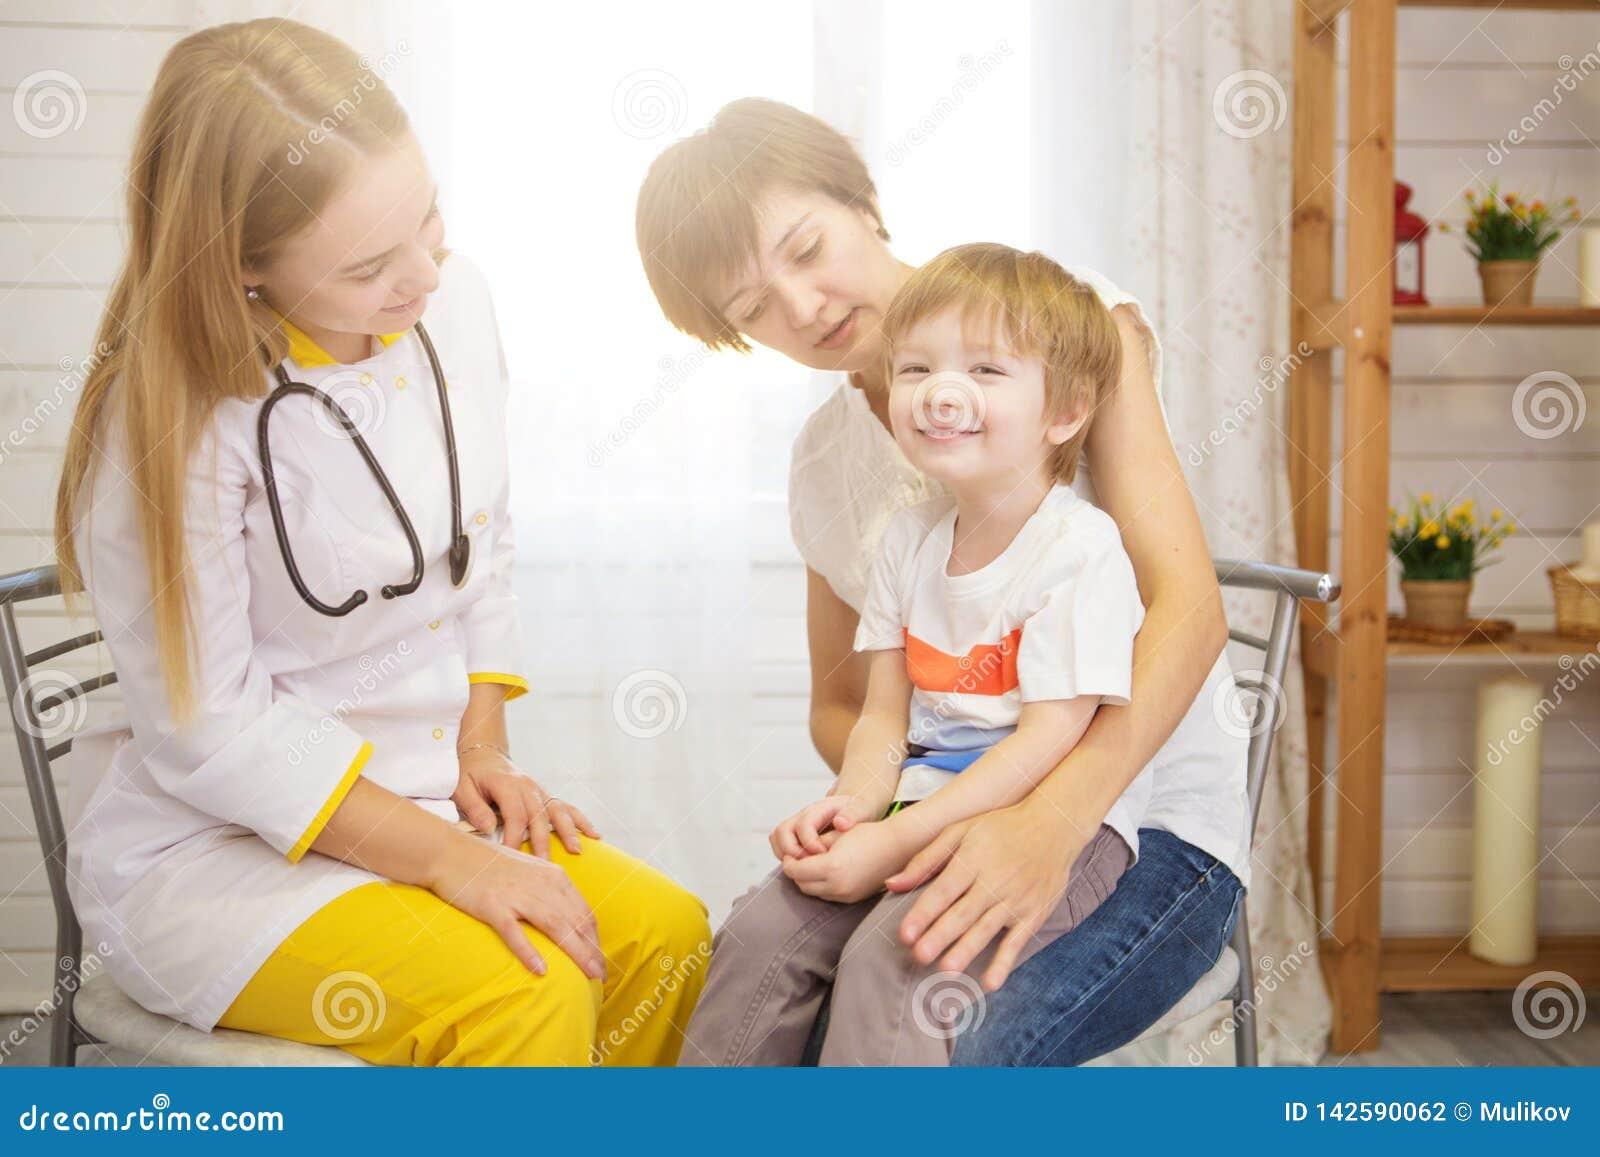 Πνεύμονες του νέου ασθενή Pediatrist examinate με το στηθοσκόπιο